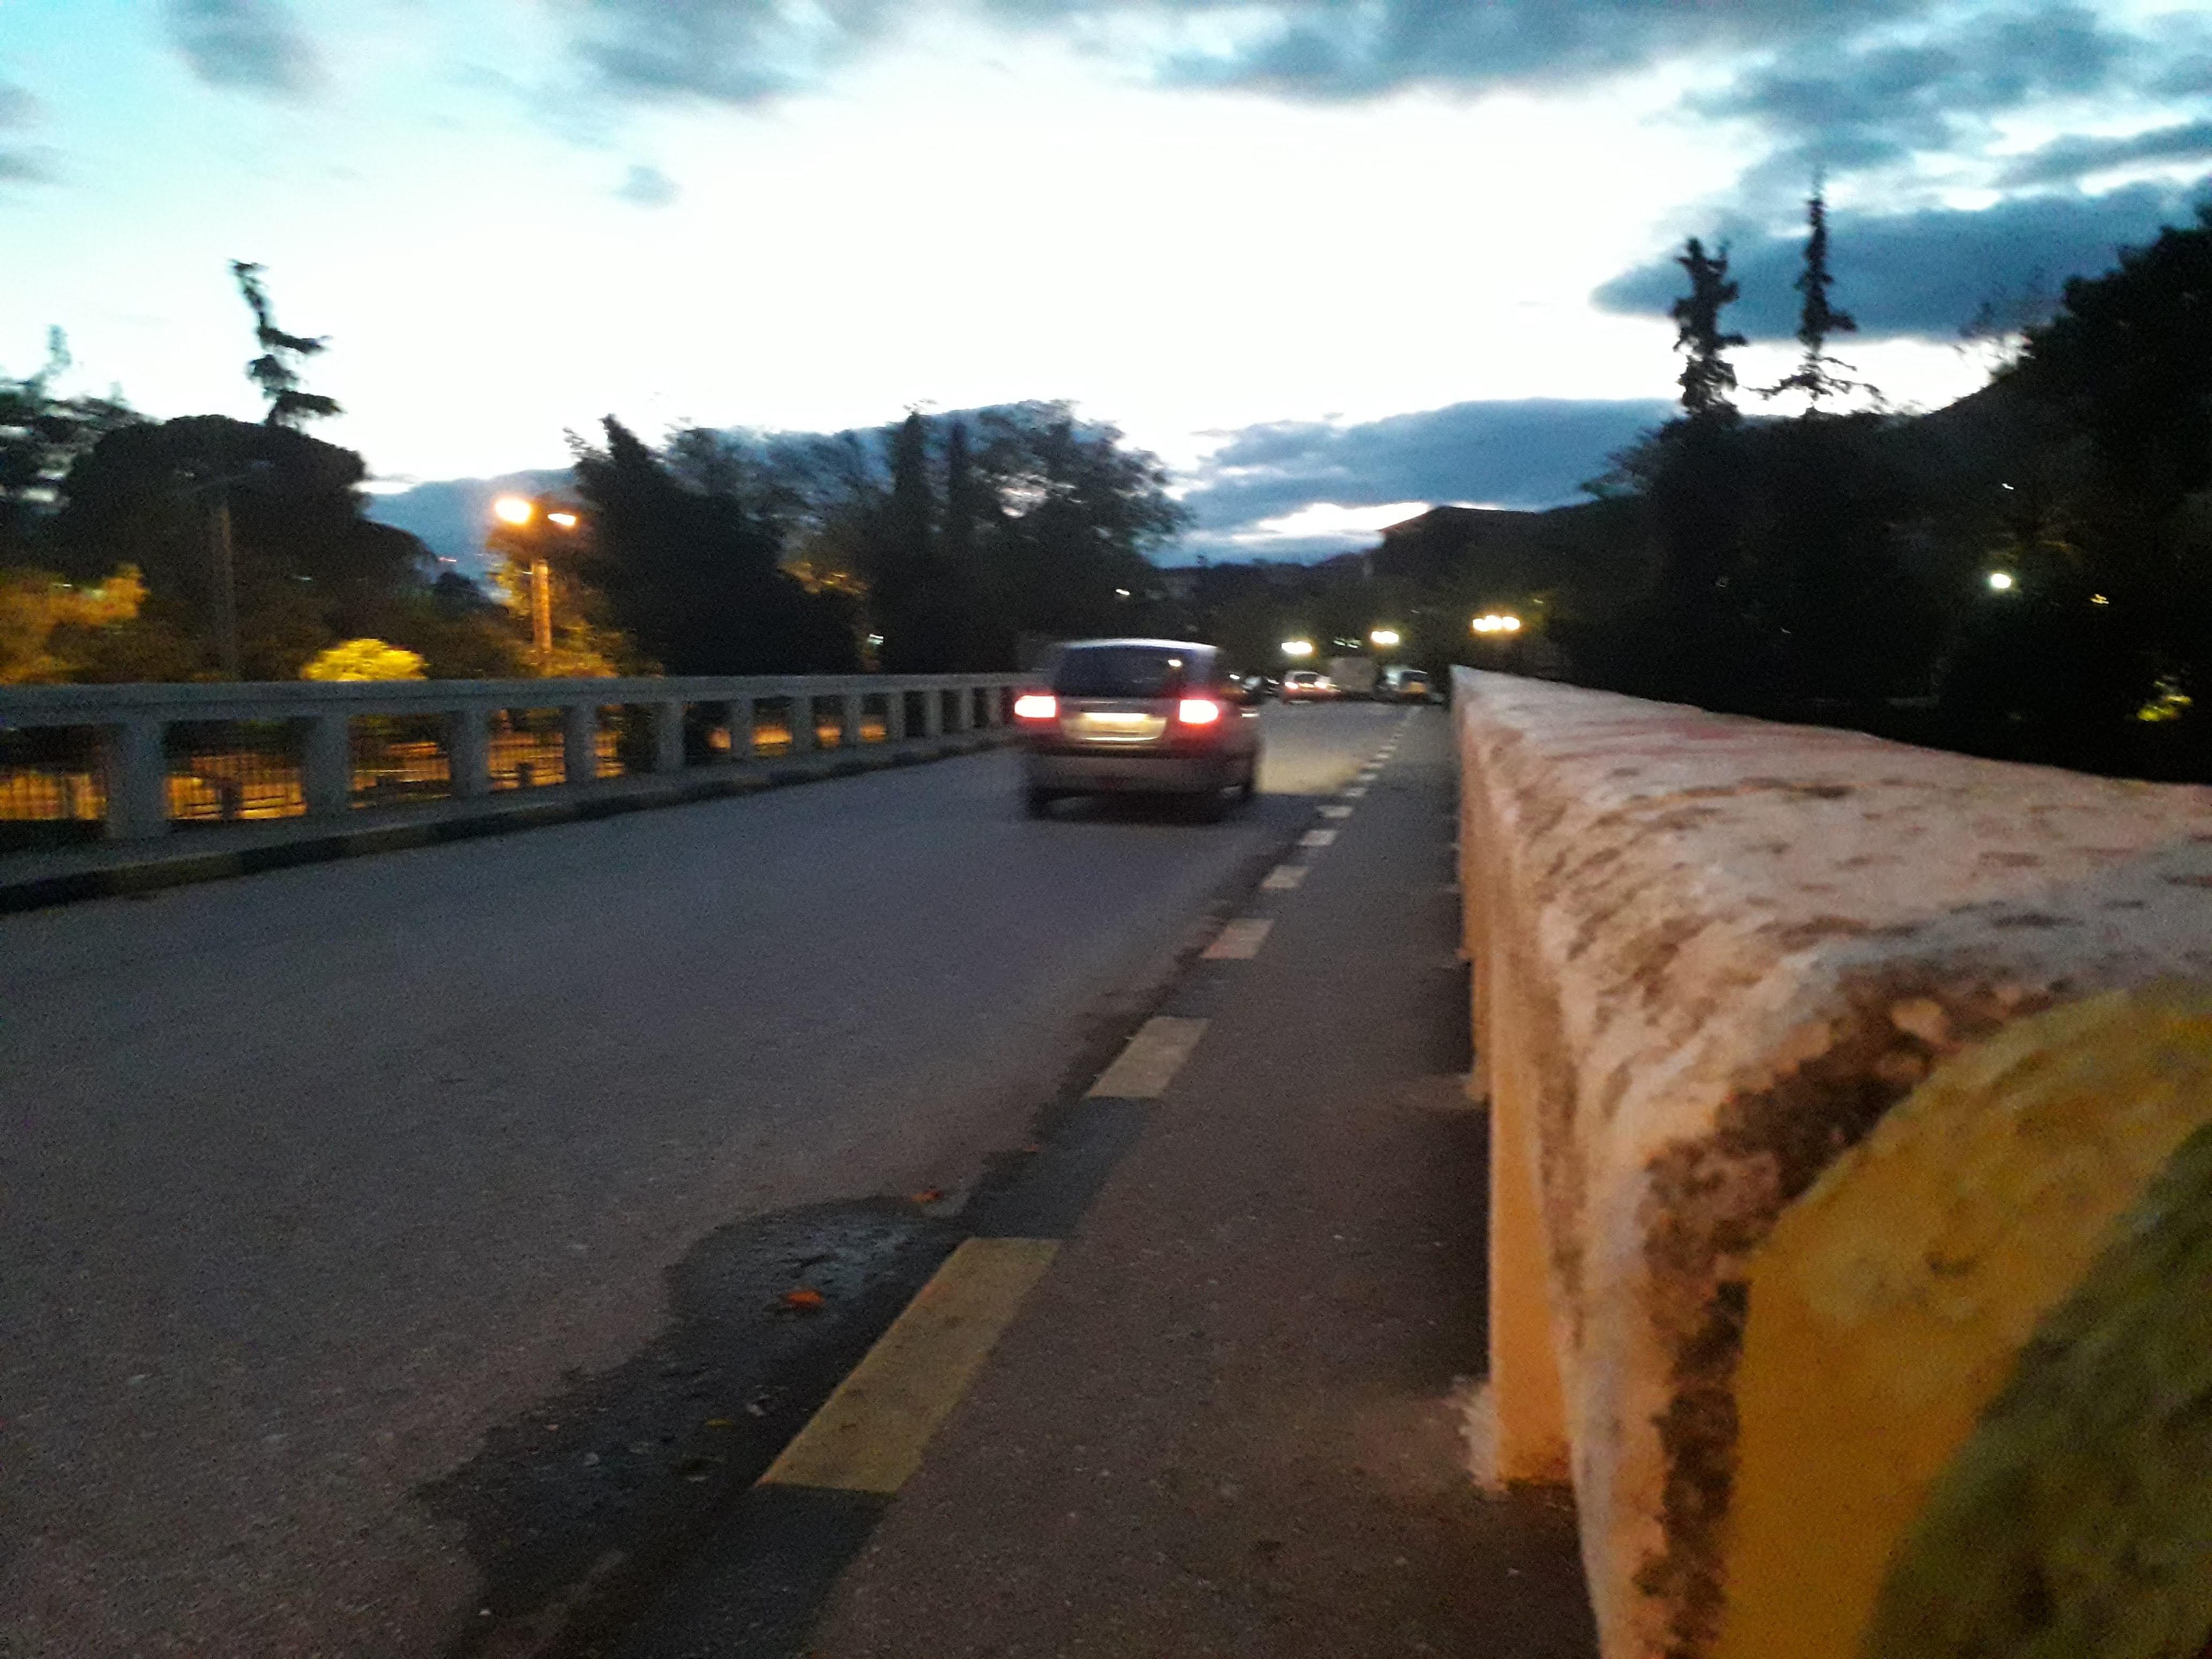 Κορονοϊός - Νέα μέτρα: Τι εξετάζεται για την απαγόρευση κυκλοφορίας